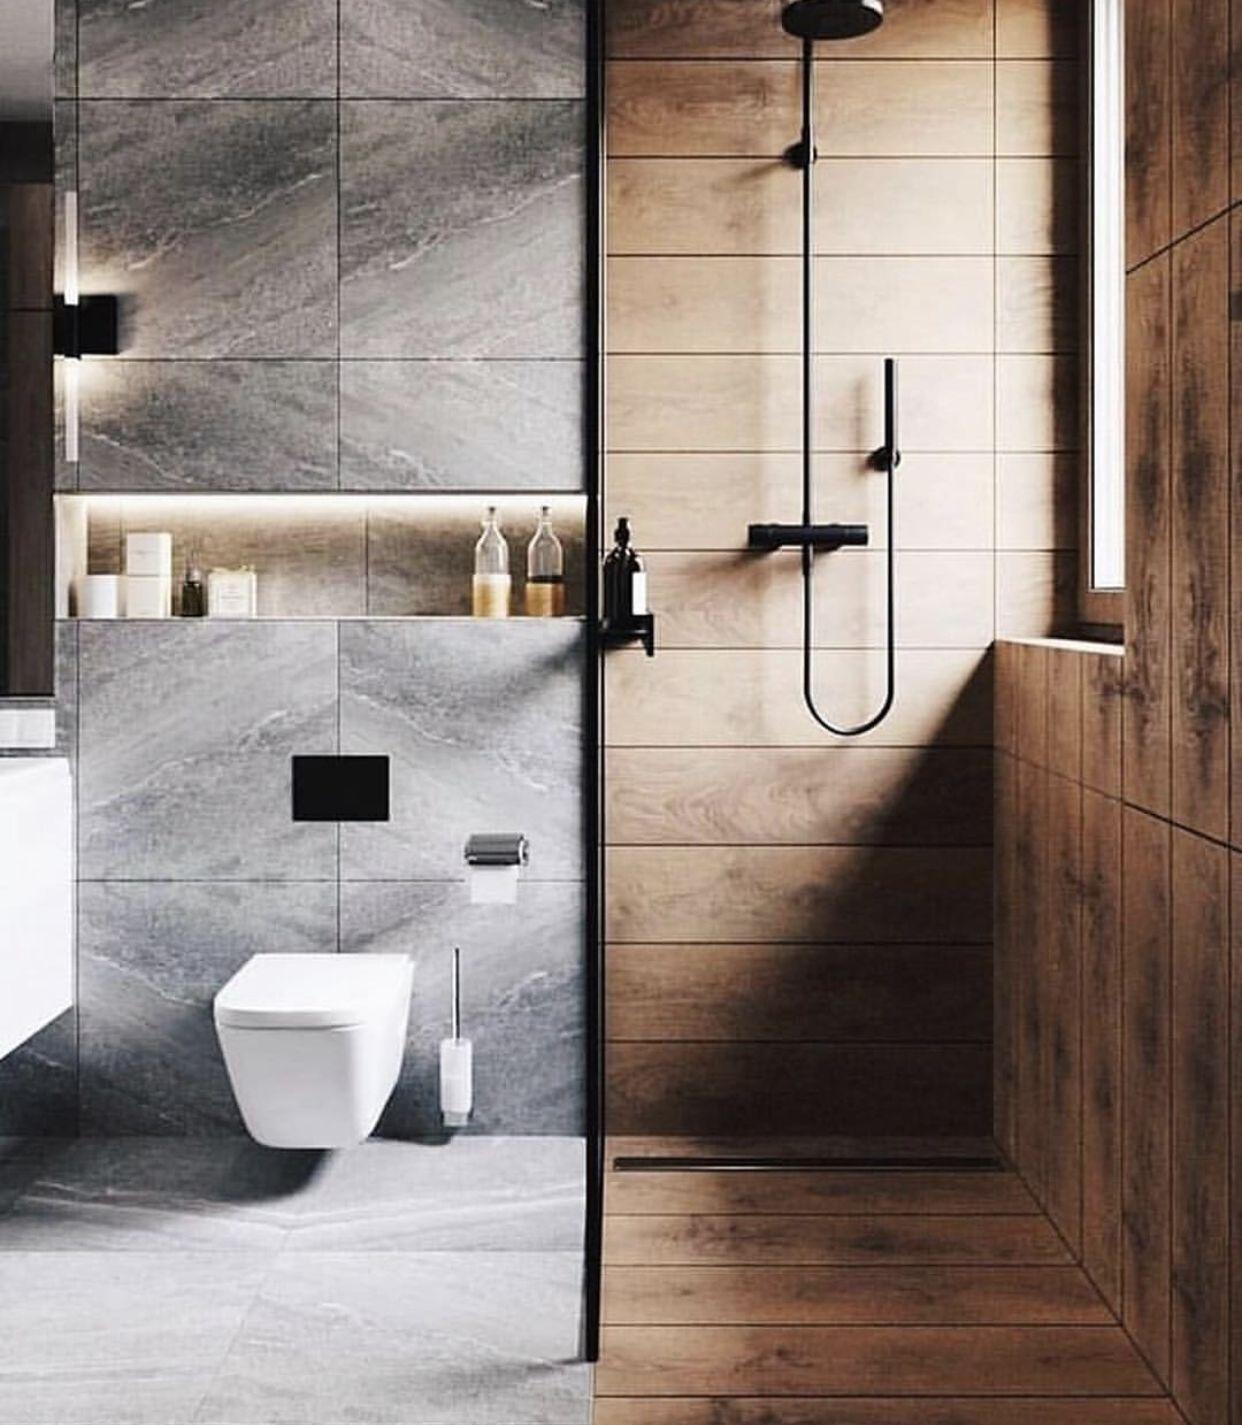 Pin By Hedda Foss On Huset I Drommen Bathroom Interior Design